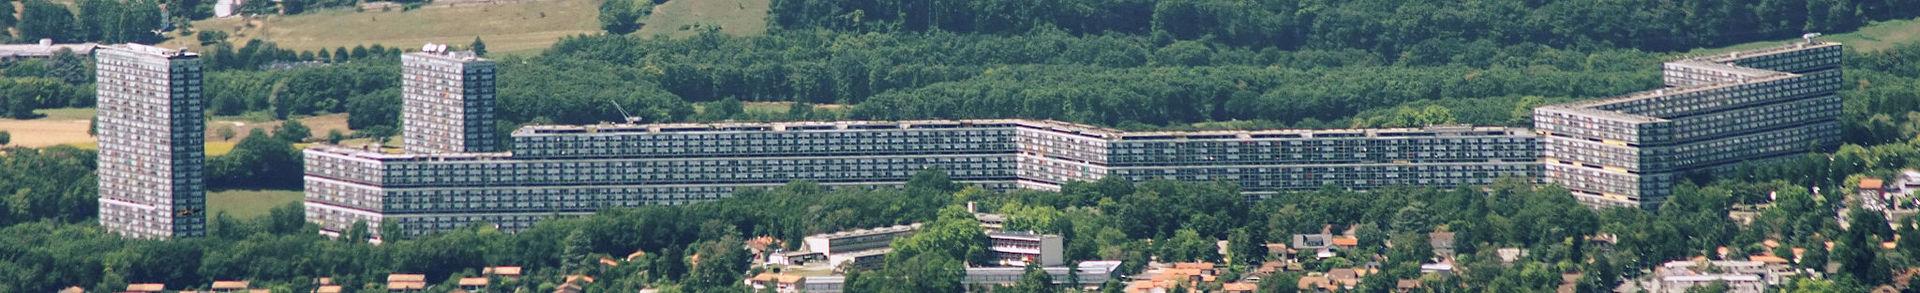 צילום פנורמי של כל הדירות